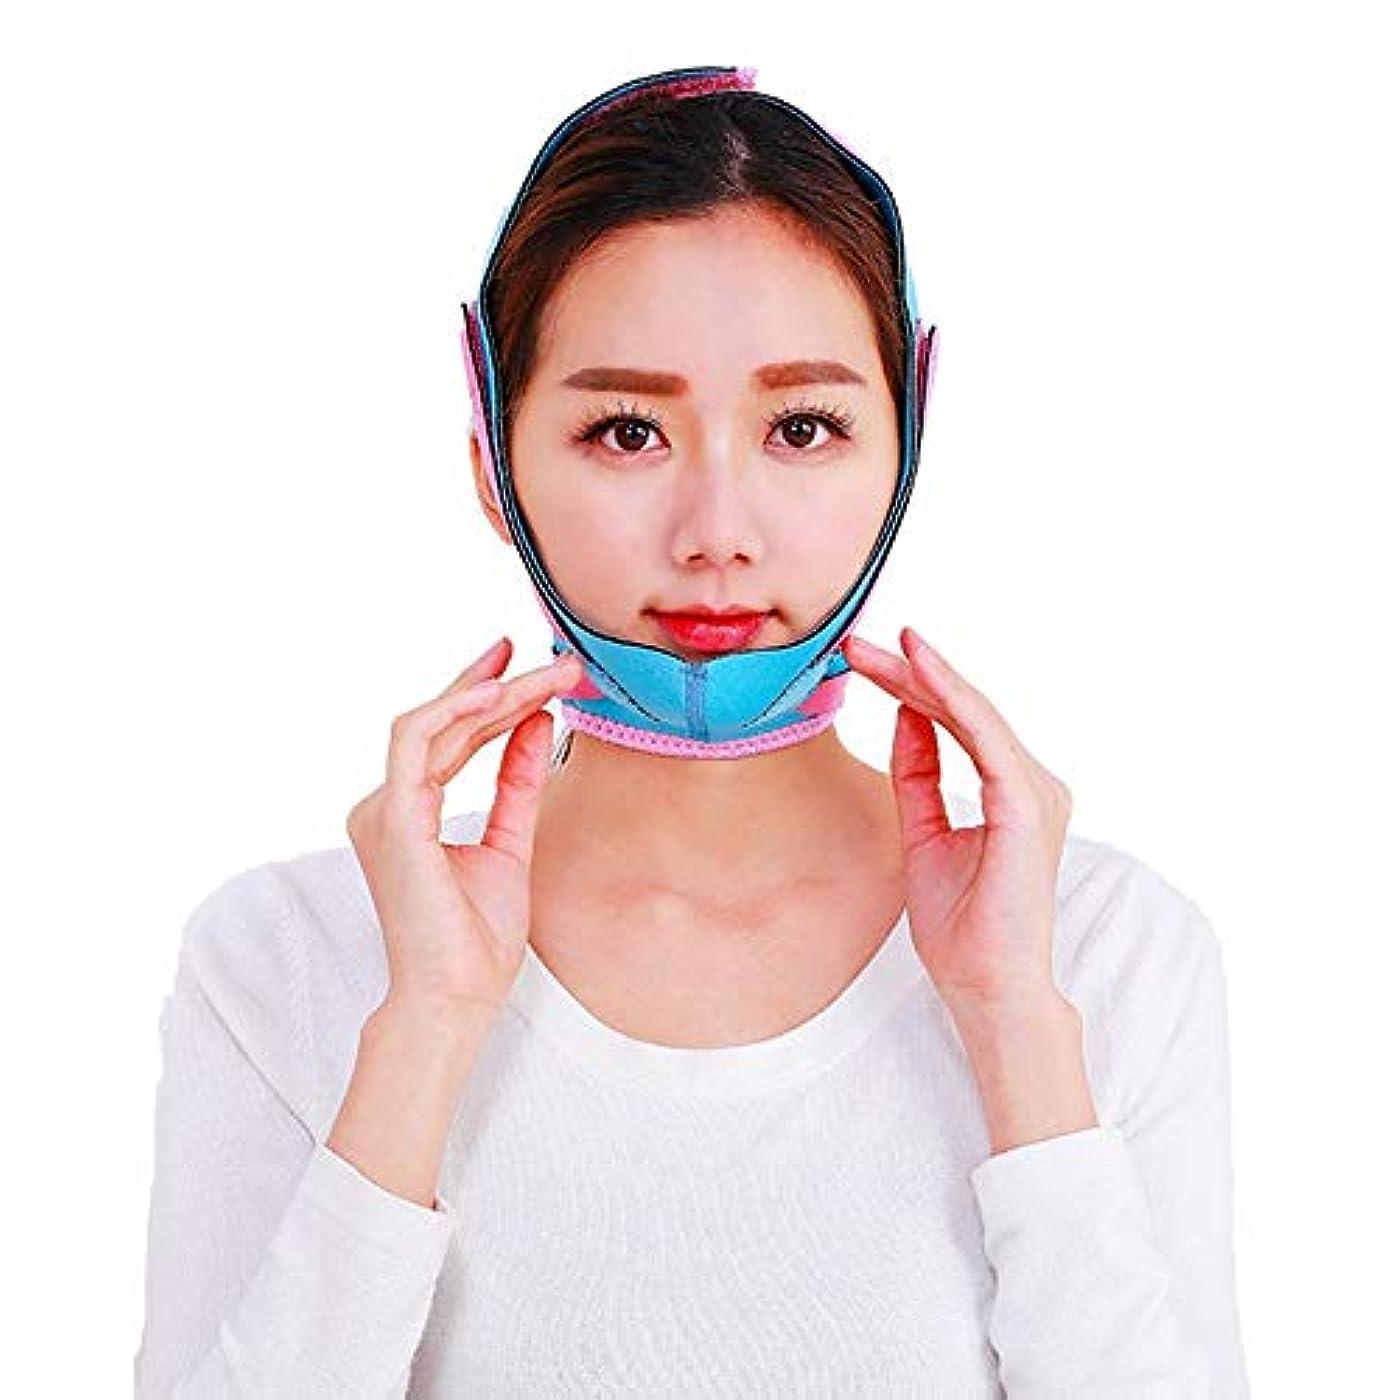 必要ない廊下主観的GYZ フェイシャルリフティング痩身ベルトシンフェイス包帯アンチエイジングシワフリーフェイシャルマッサージ整形マスクダブルチンワークアウト Thin Face Belt